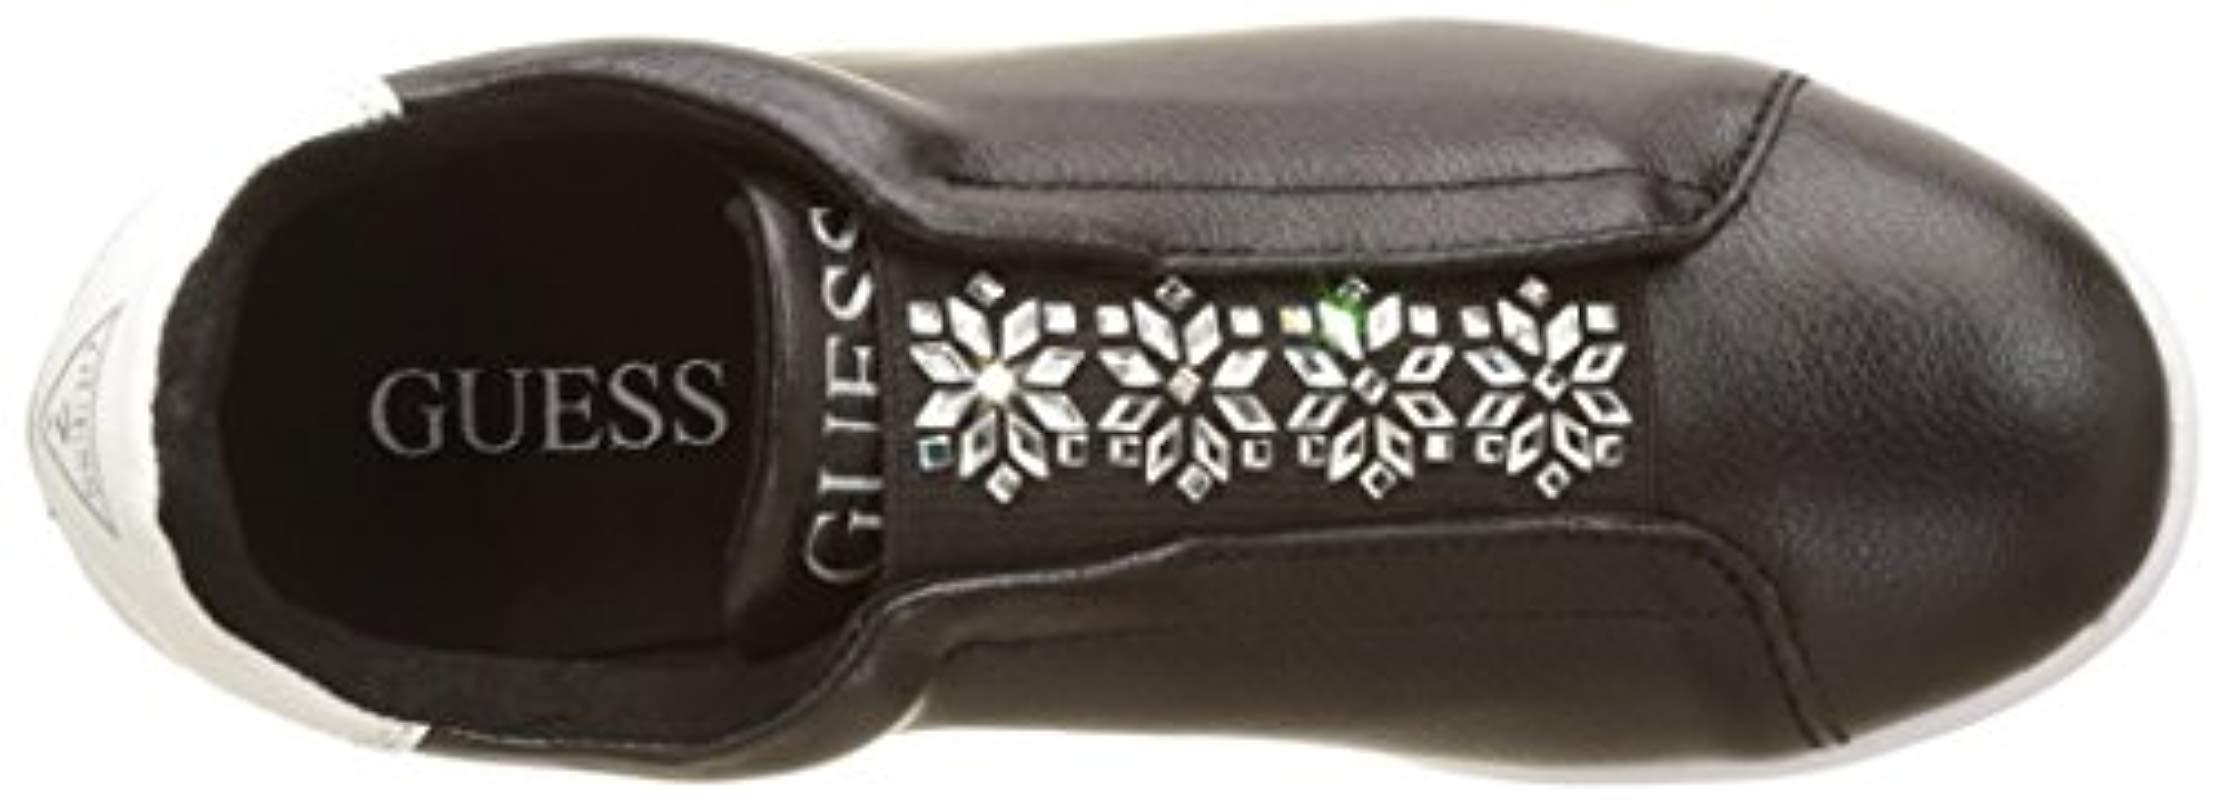 Steffi, Zapatillas de Tenis para Mujer Guess de color Negro